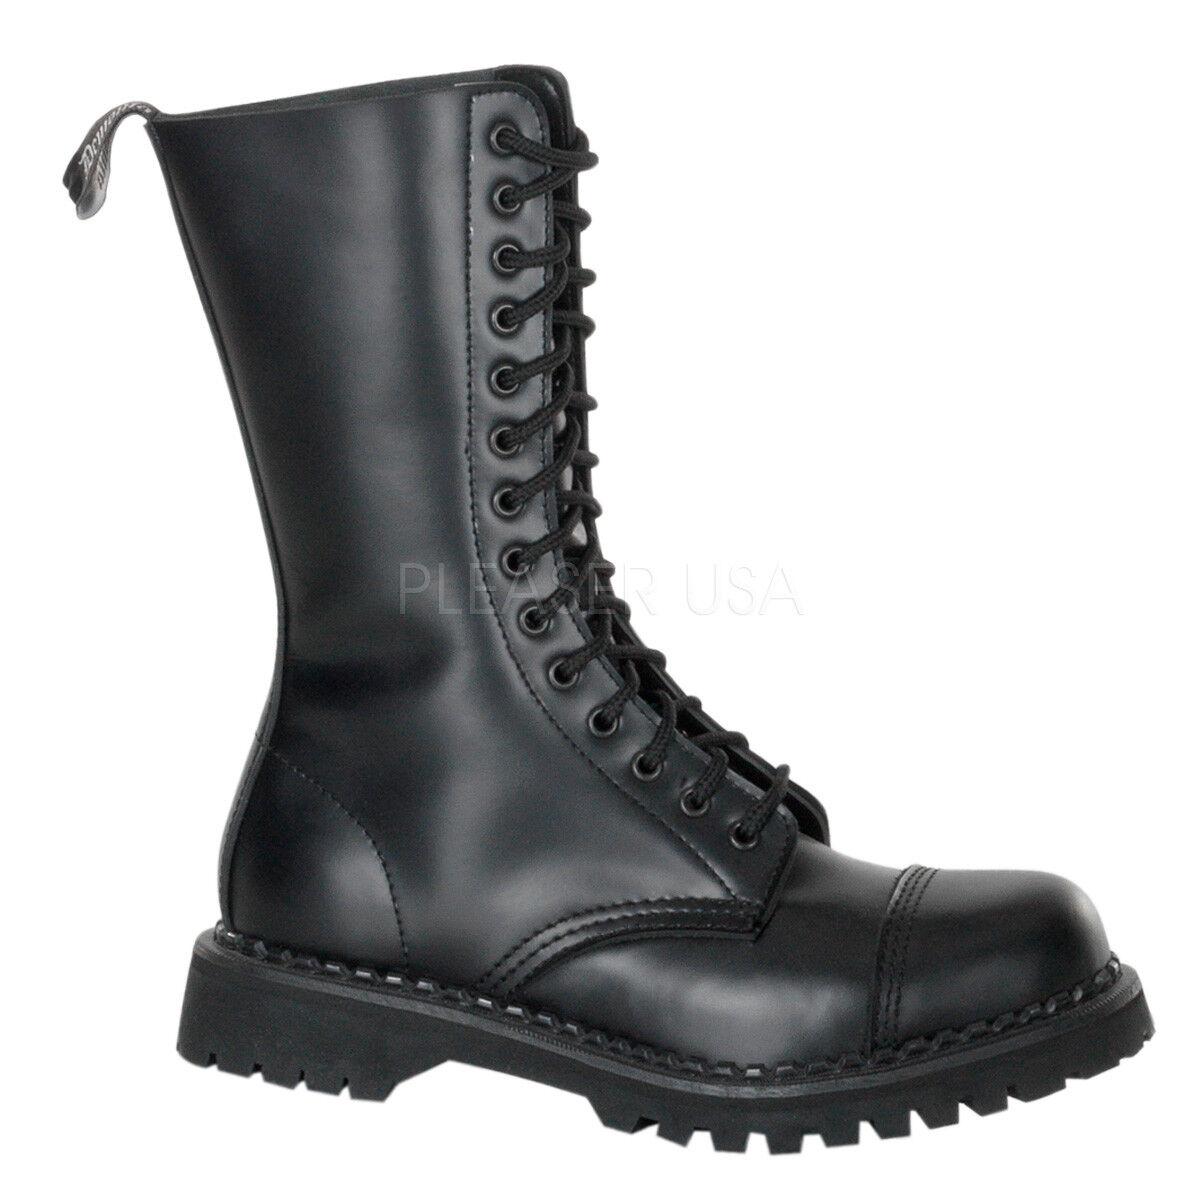 Demonia Pleaser Rocky-14 Stiefel Gothic,Bike,Combat, Echtes Leder Größe 42,5 NEU